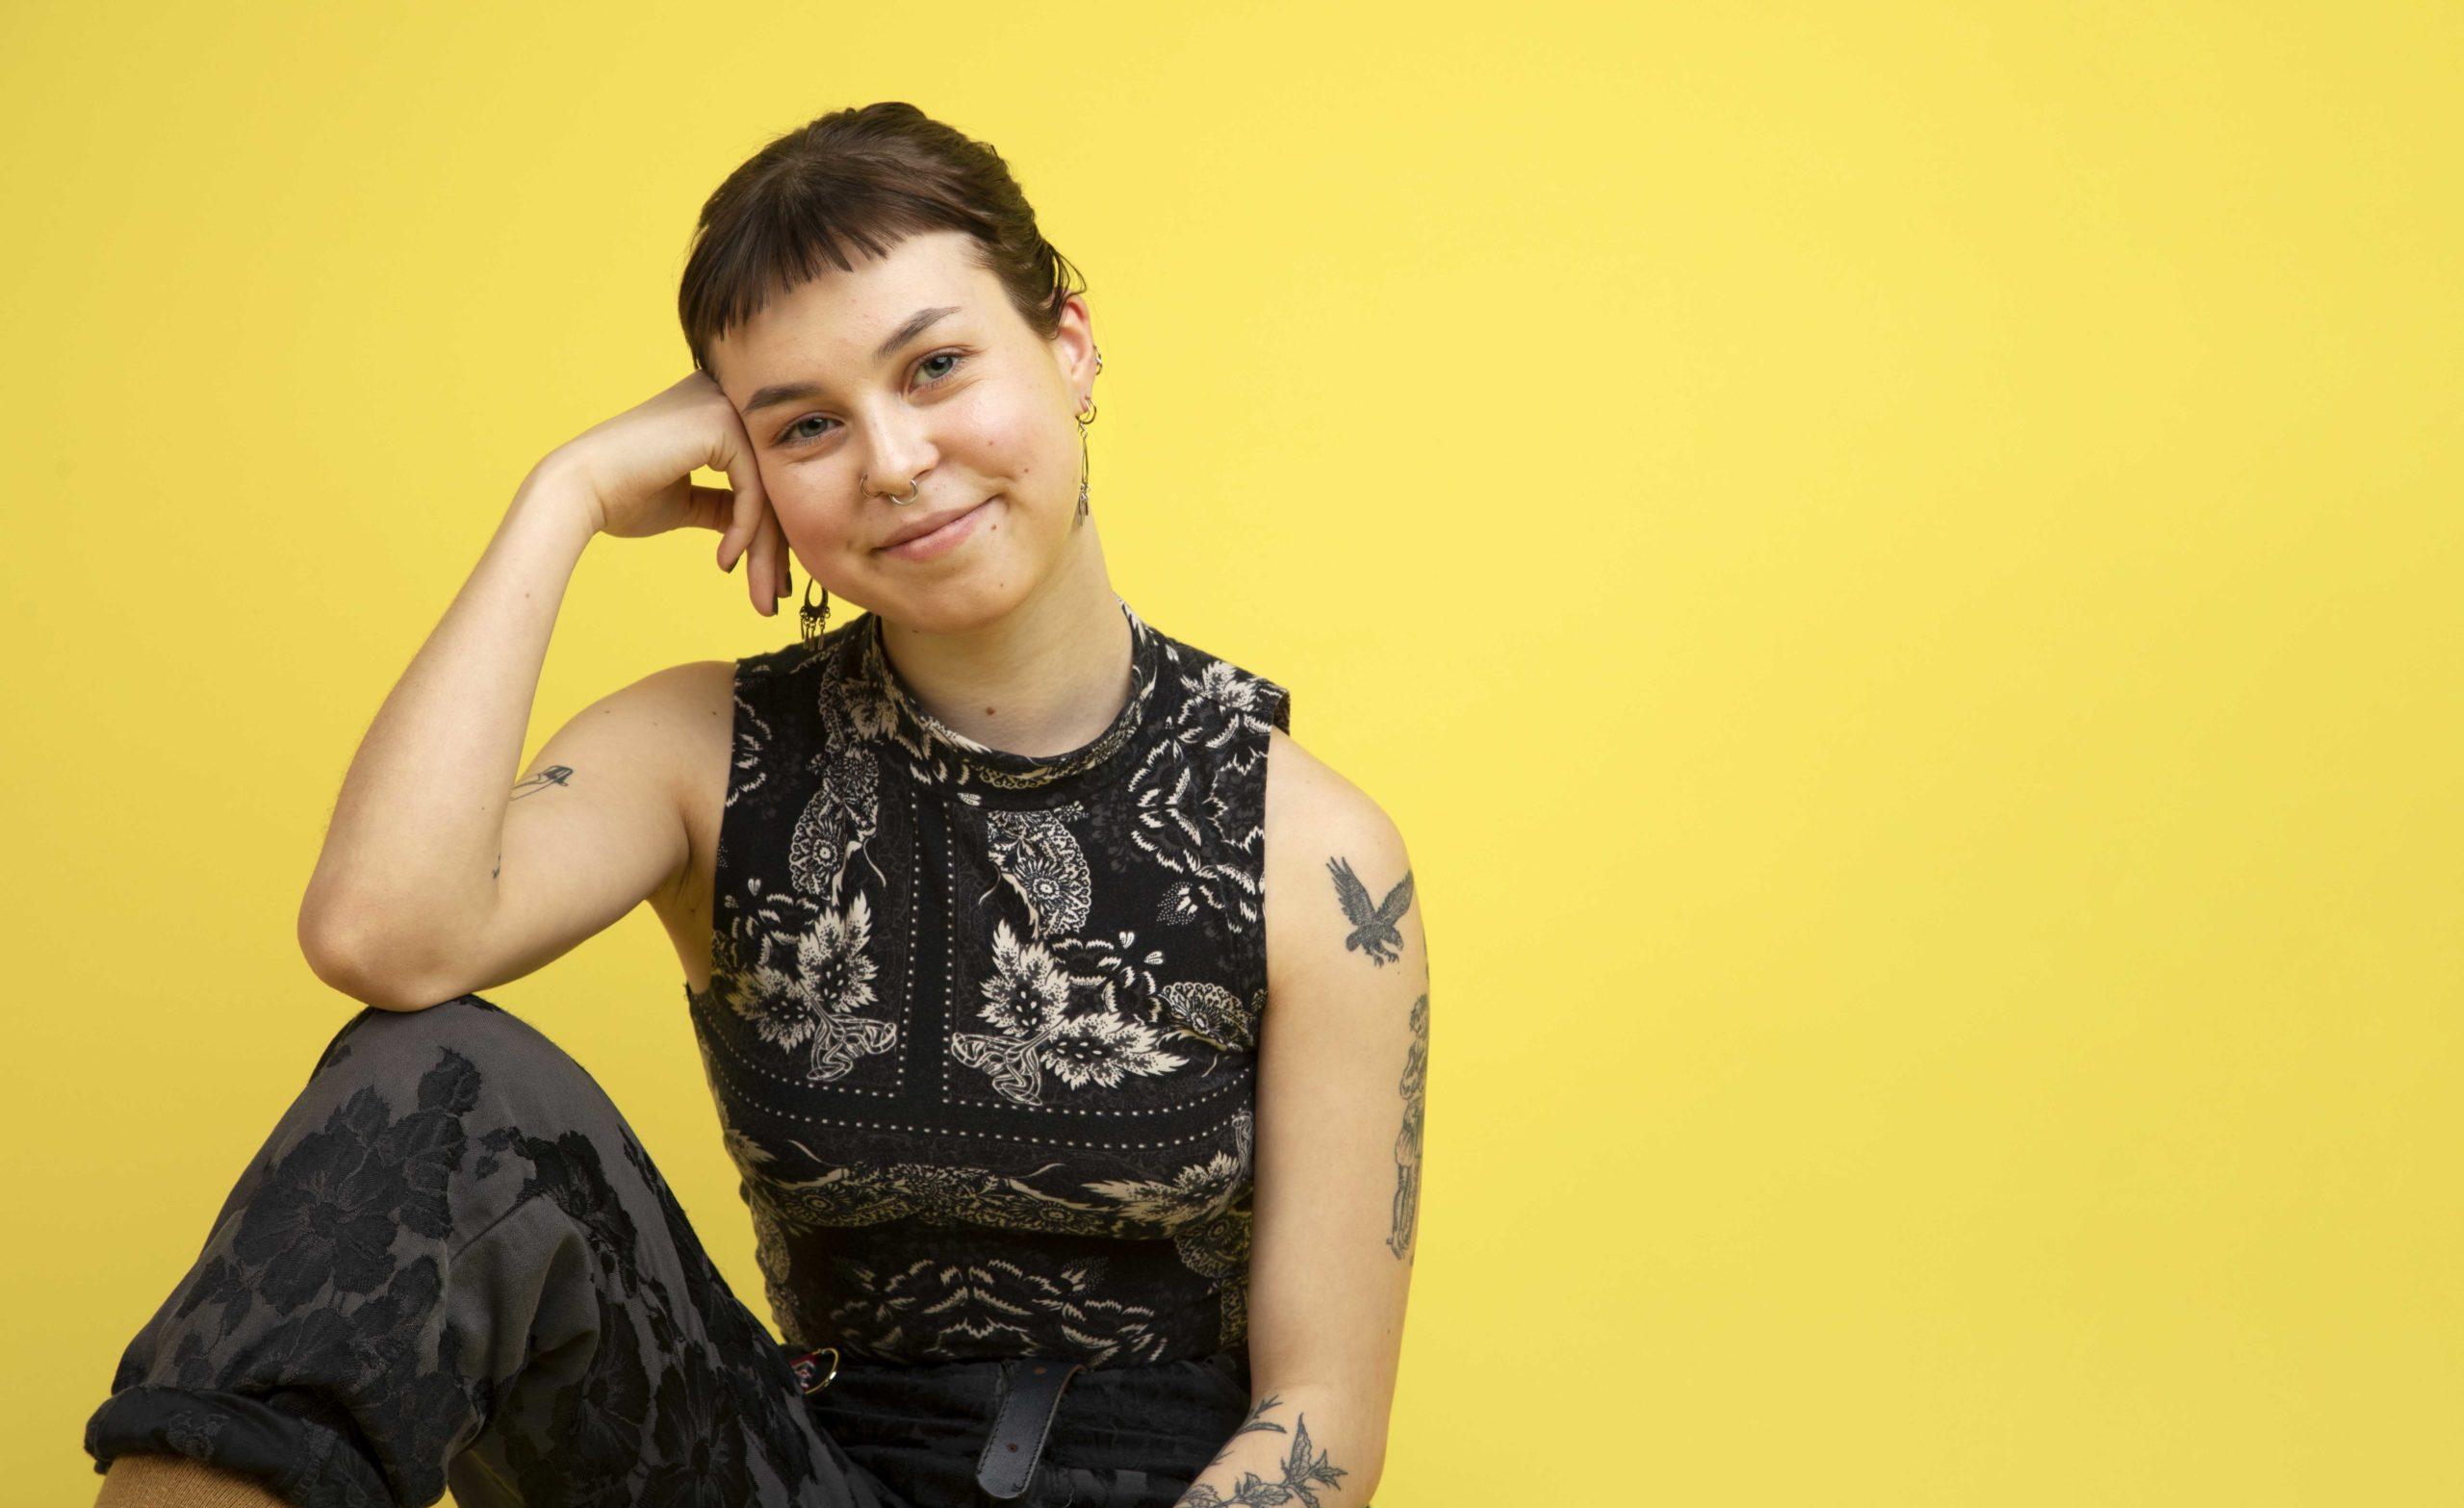 Nainen istuu ja hymyilee keltaisen taustan edessä